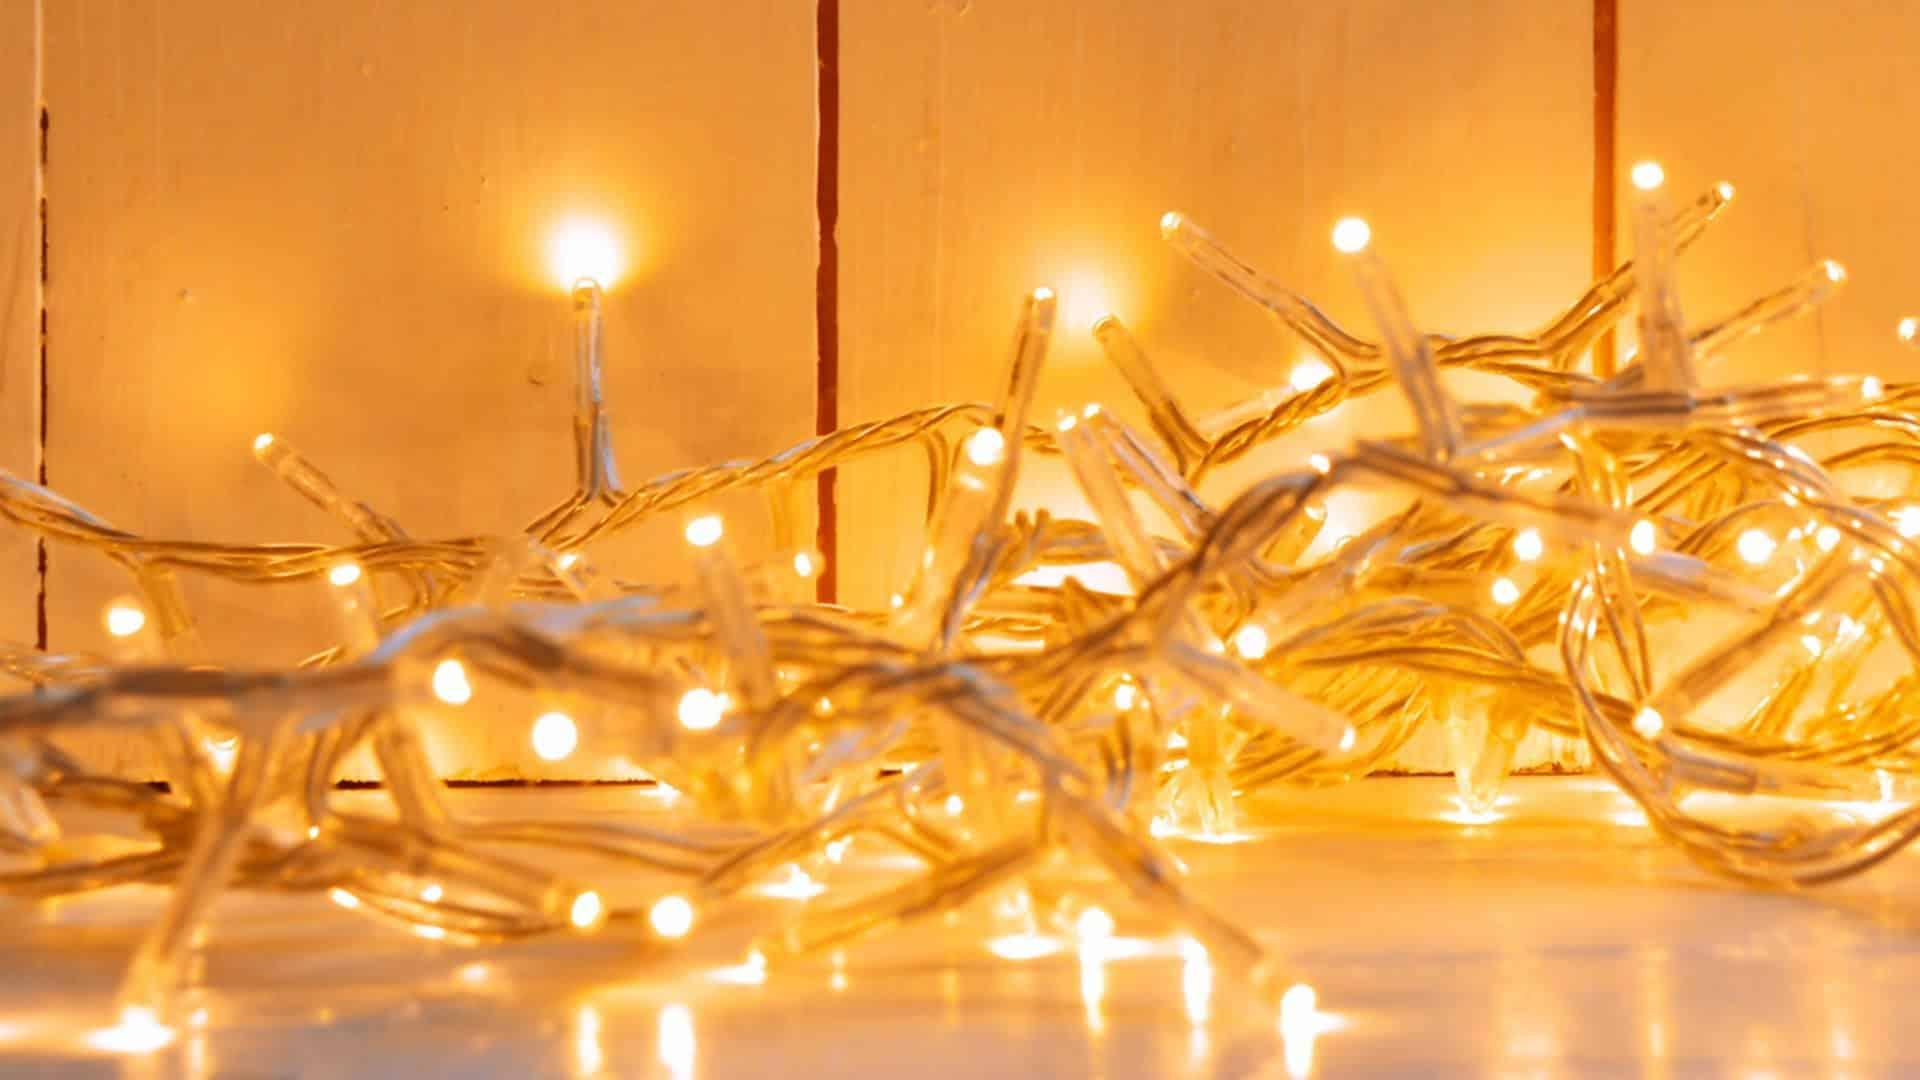 Alles ist erleuchtet – Stromspartipps für die Weihnachzeit